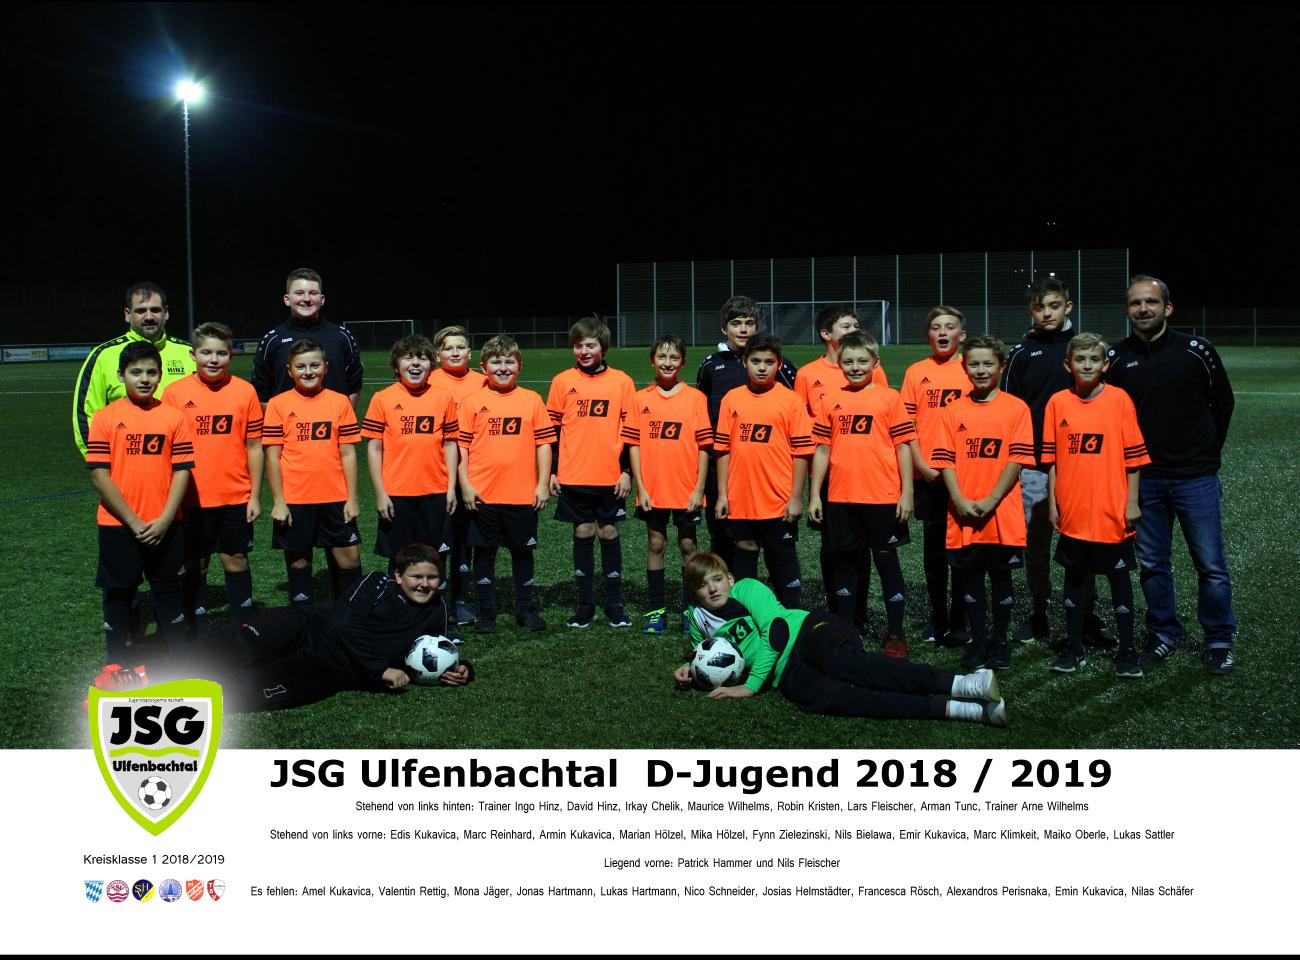 Mannschaftsfoto D-Jugend